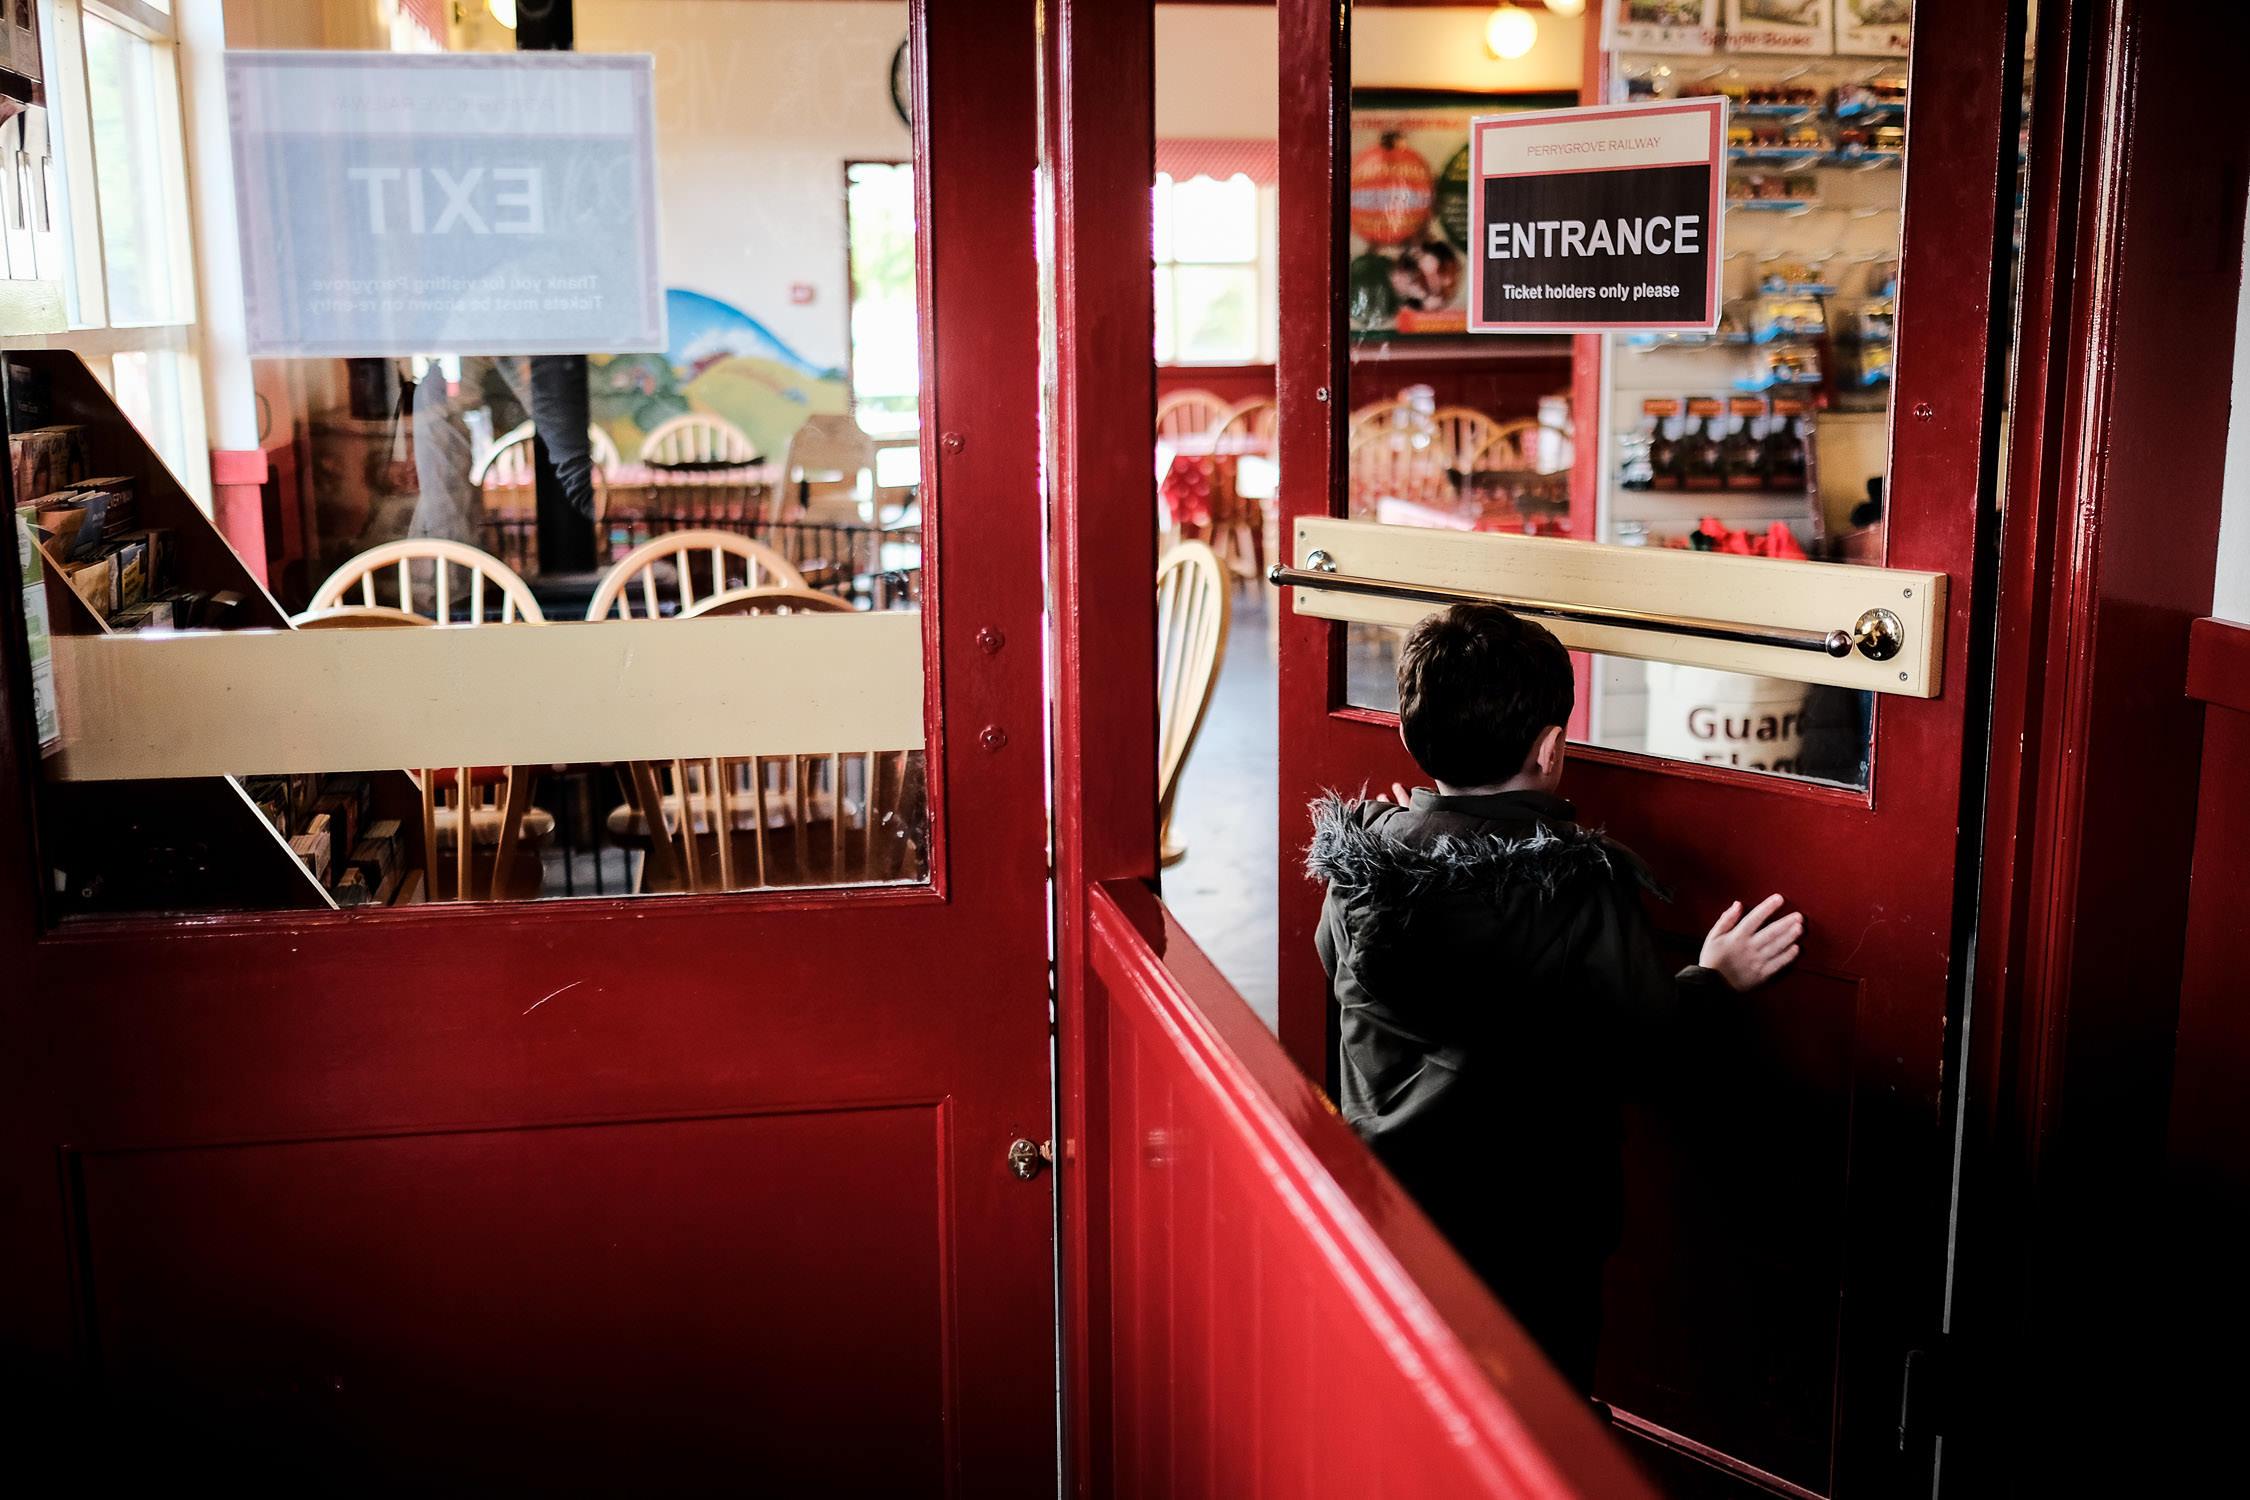 little boy going through red door